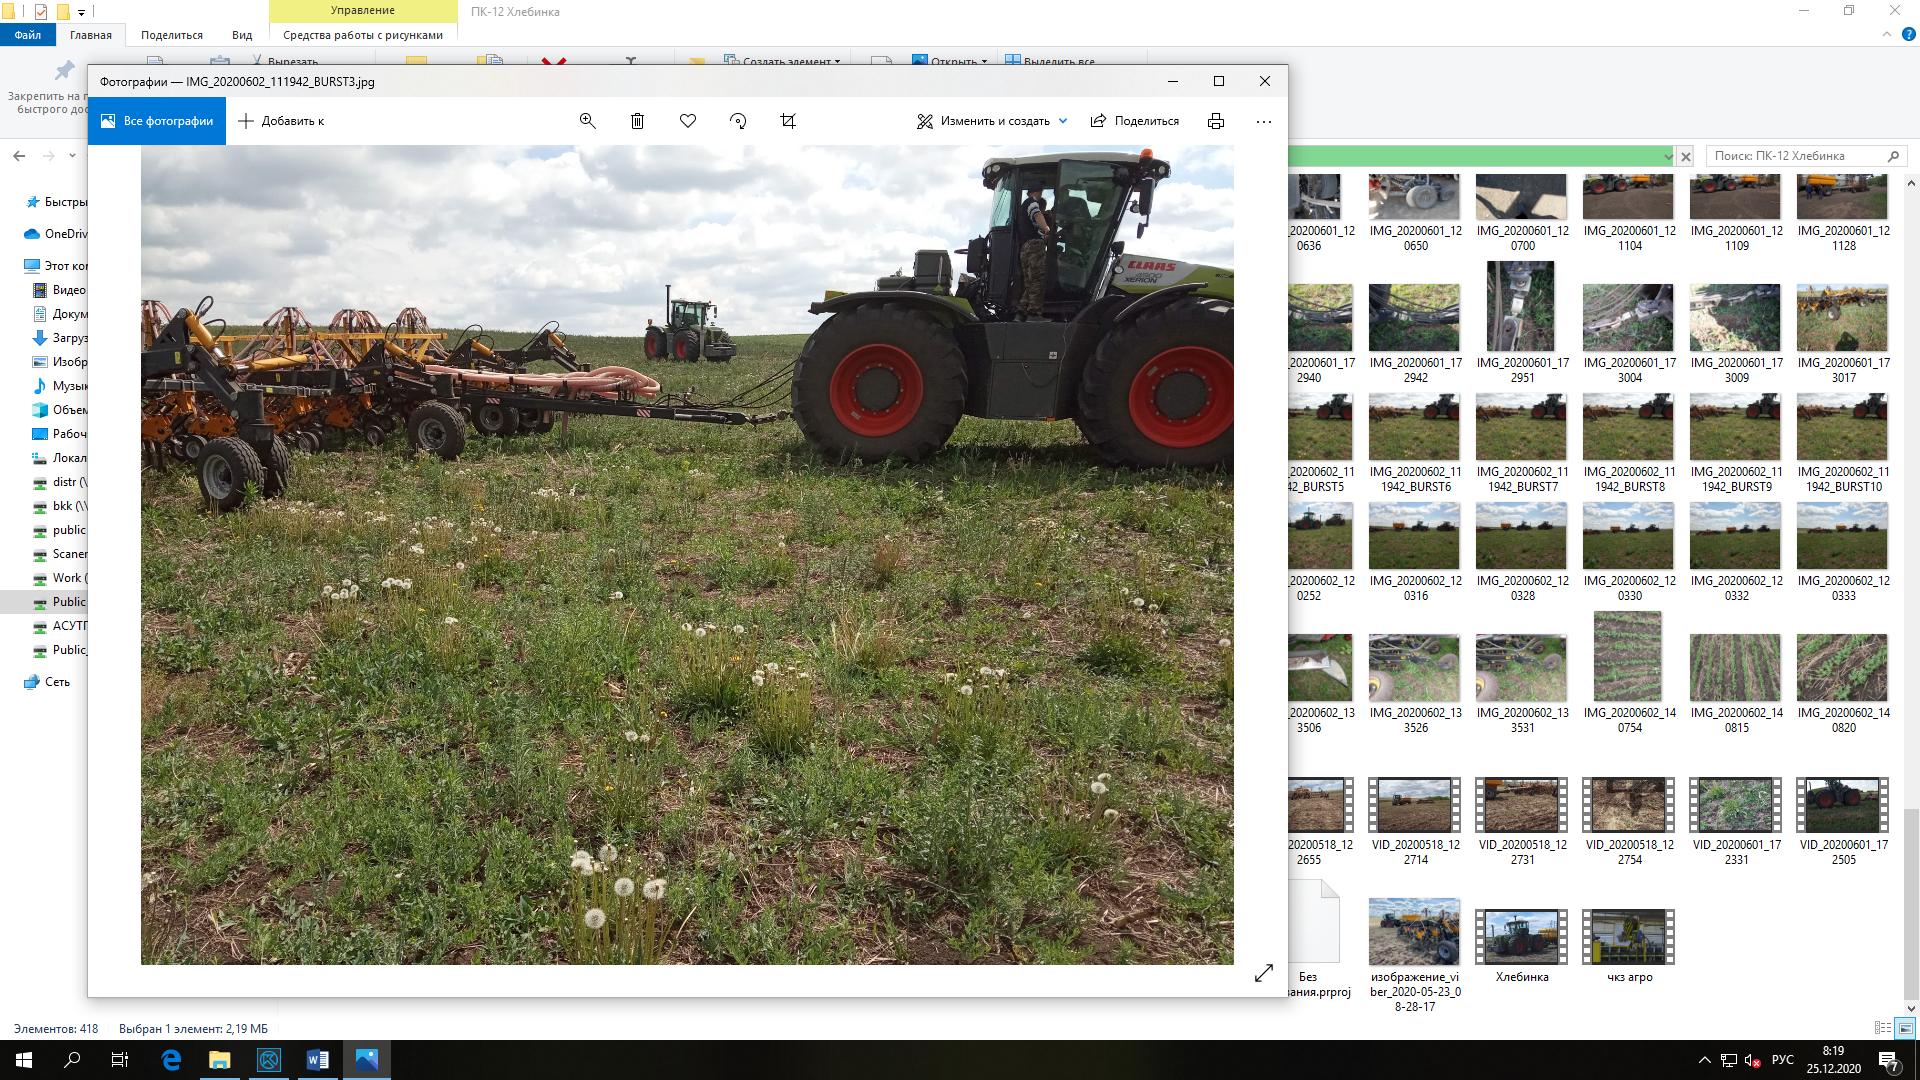 word image 1218 Разработка конструктивной схемы и обоснование параметров почвообрабатывающего посевного агрегата с пневматическим высевом семян для тракторов класса тяги 5